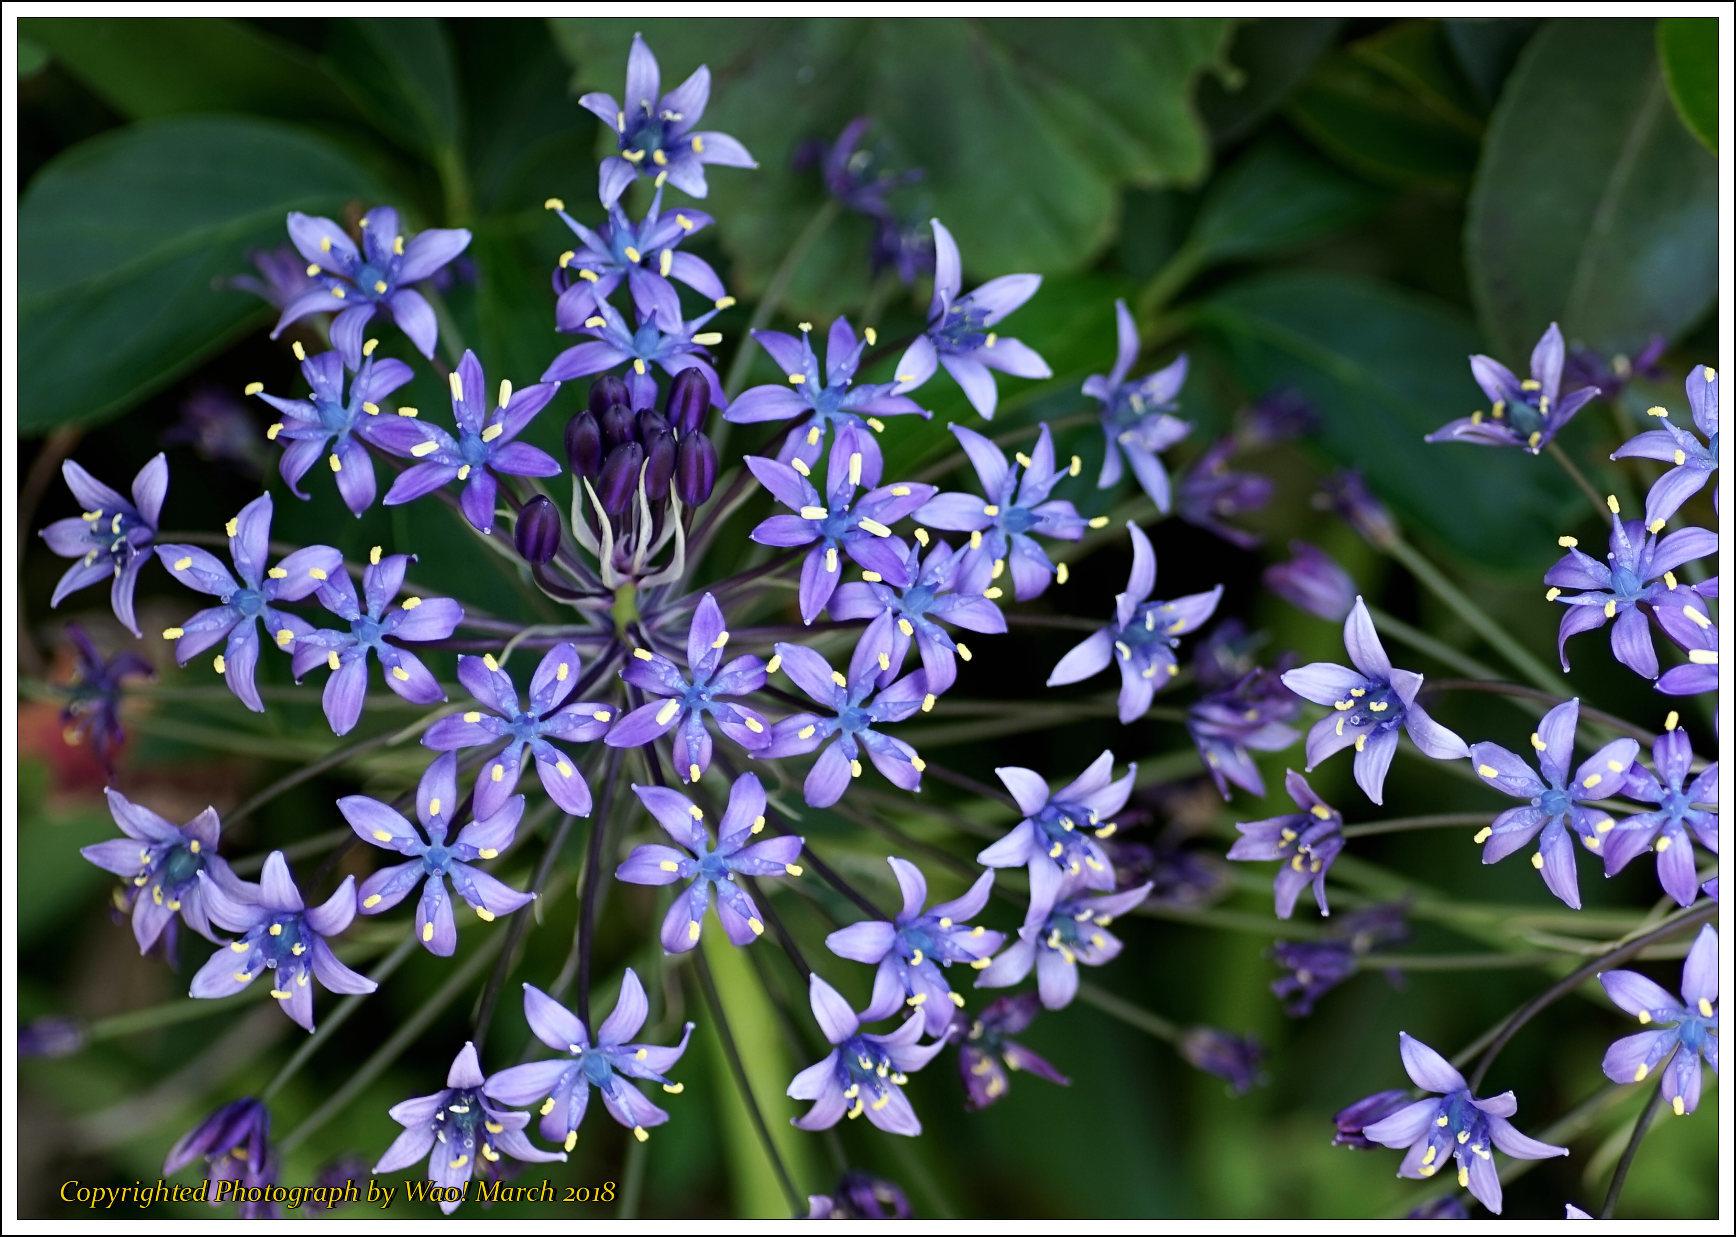 庭に咲く花 -1_c0198669_17412749.jpg